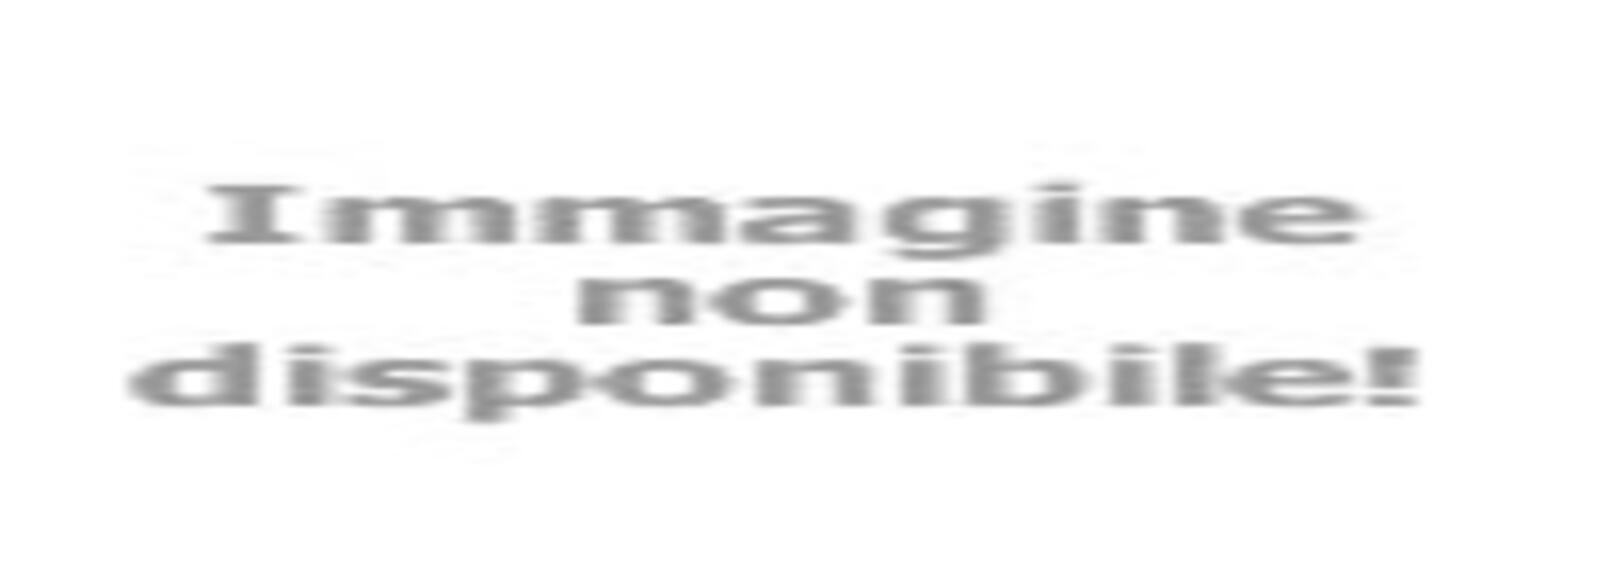 jhotel it offerta-hotel-per-capodanno-a-torino-con-party-alla-reggia-di-venaria 001